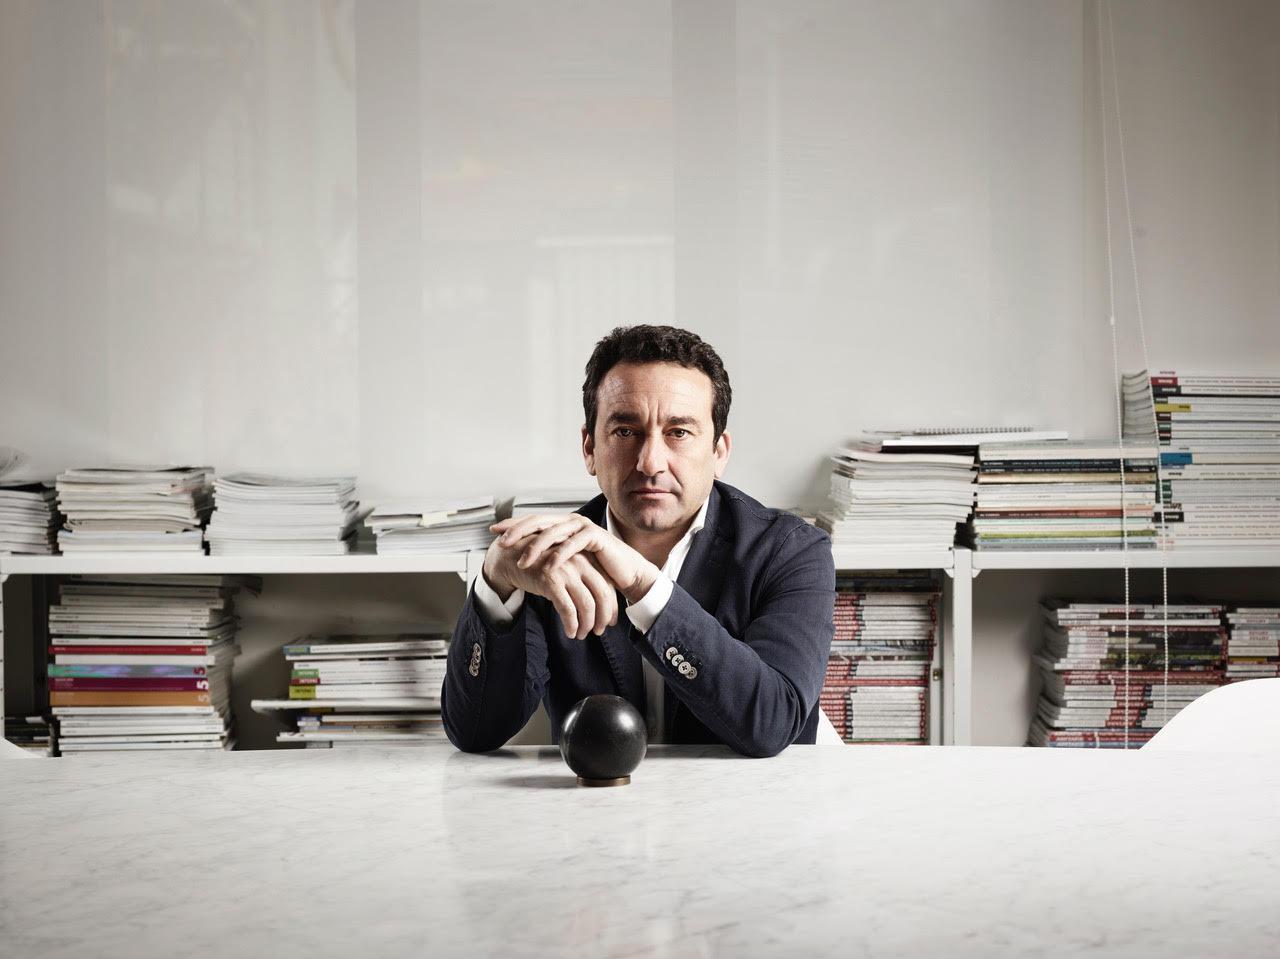 Gabriele Salvatori, ©Veronica Gaido